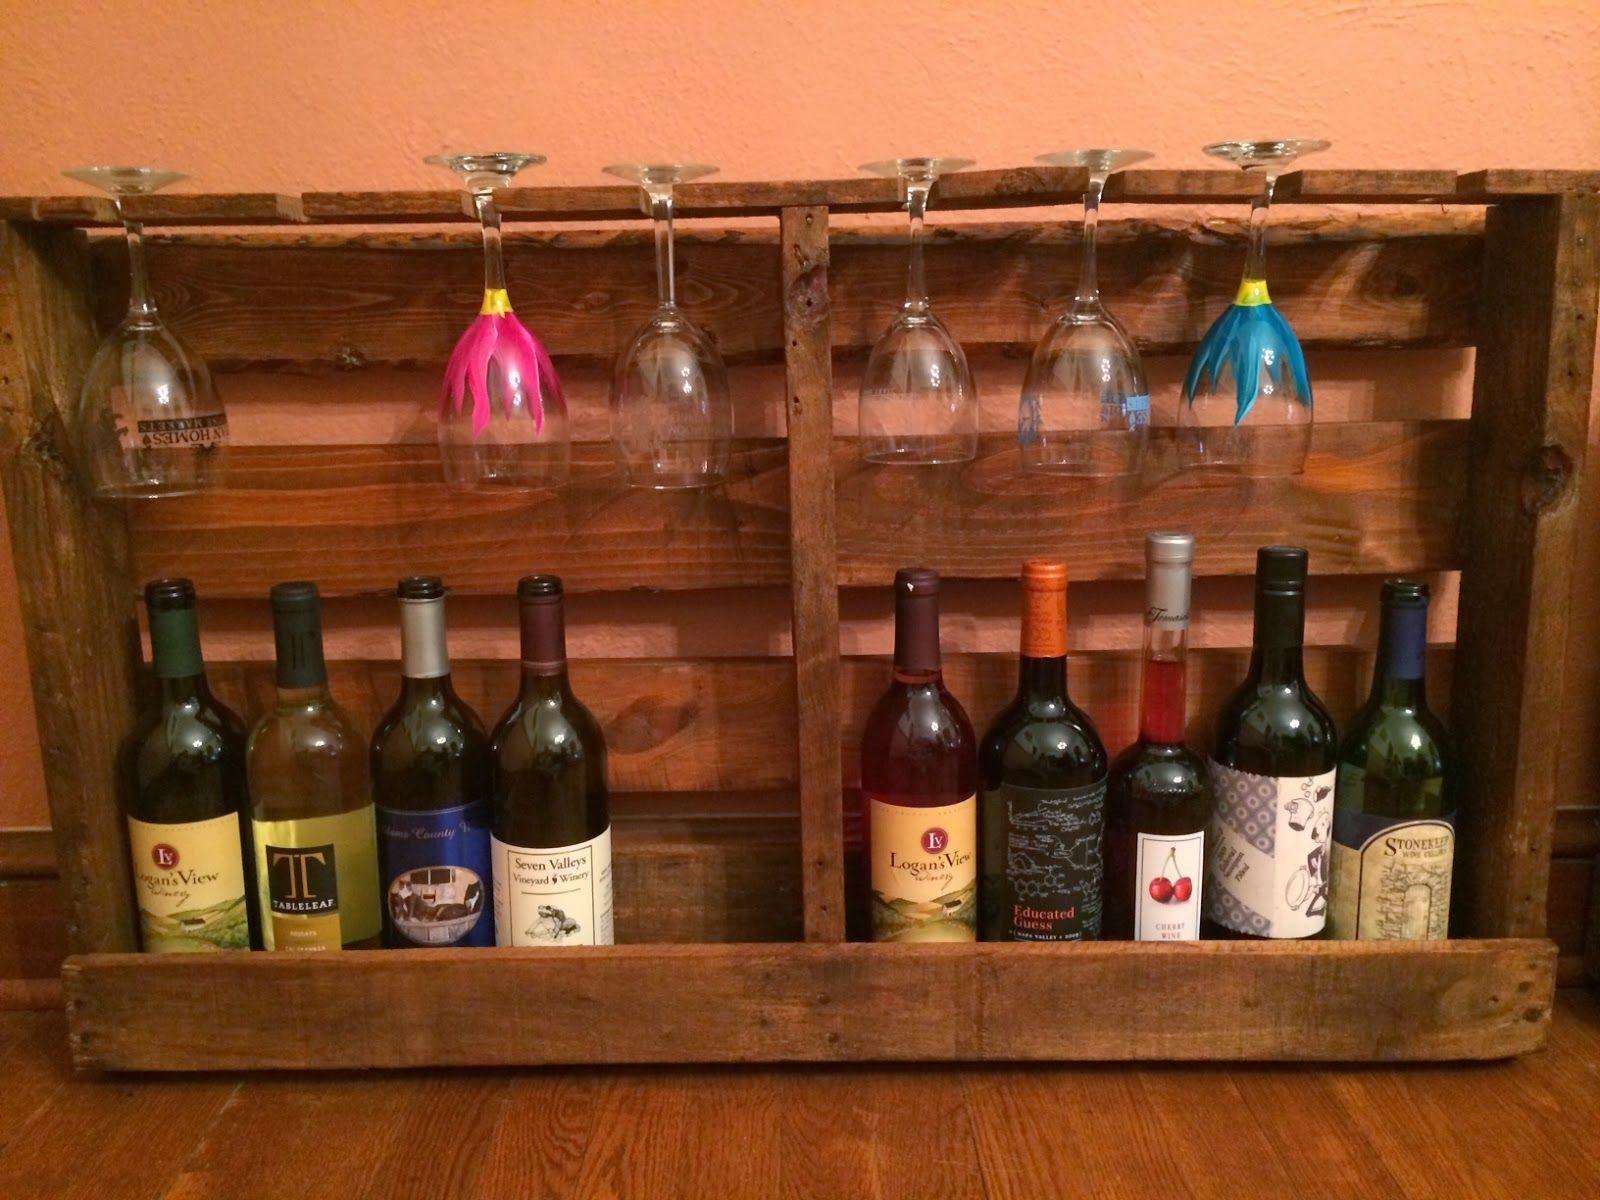 diy pallet wine bottle holder